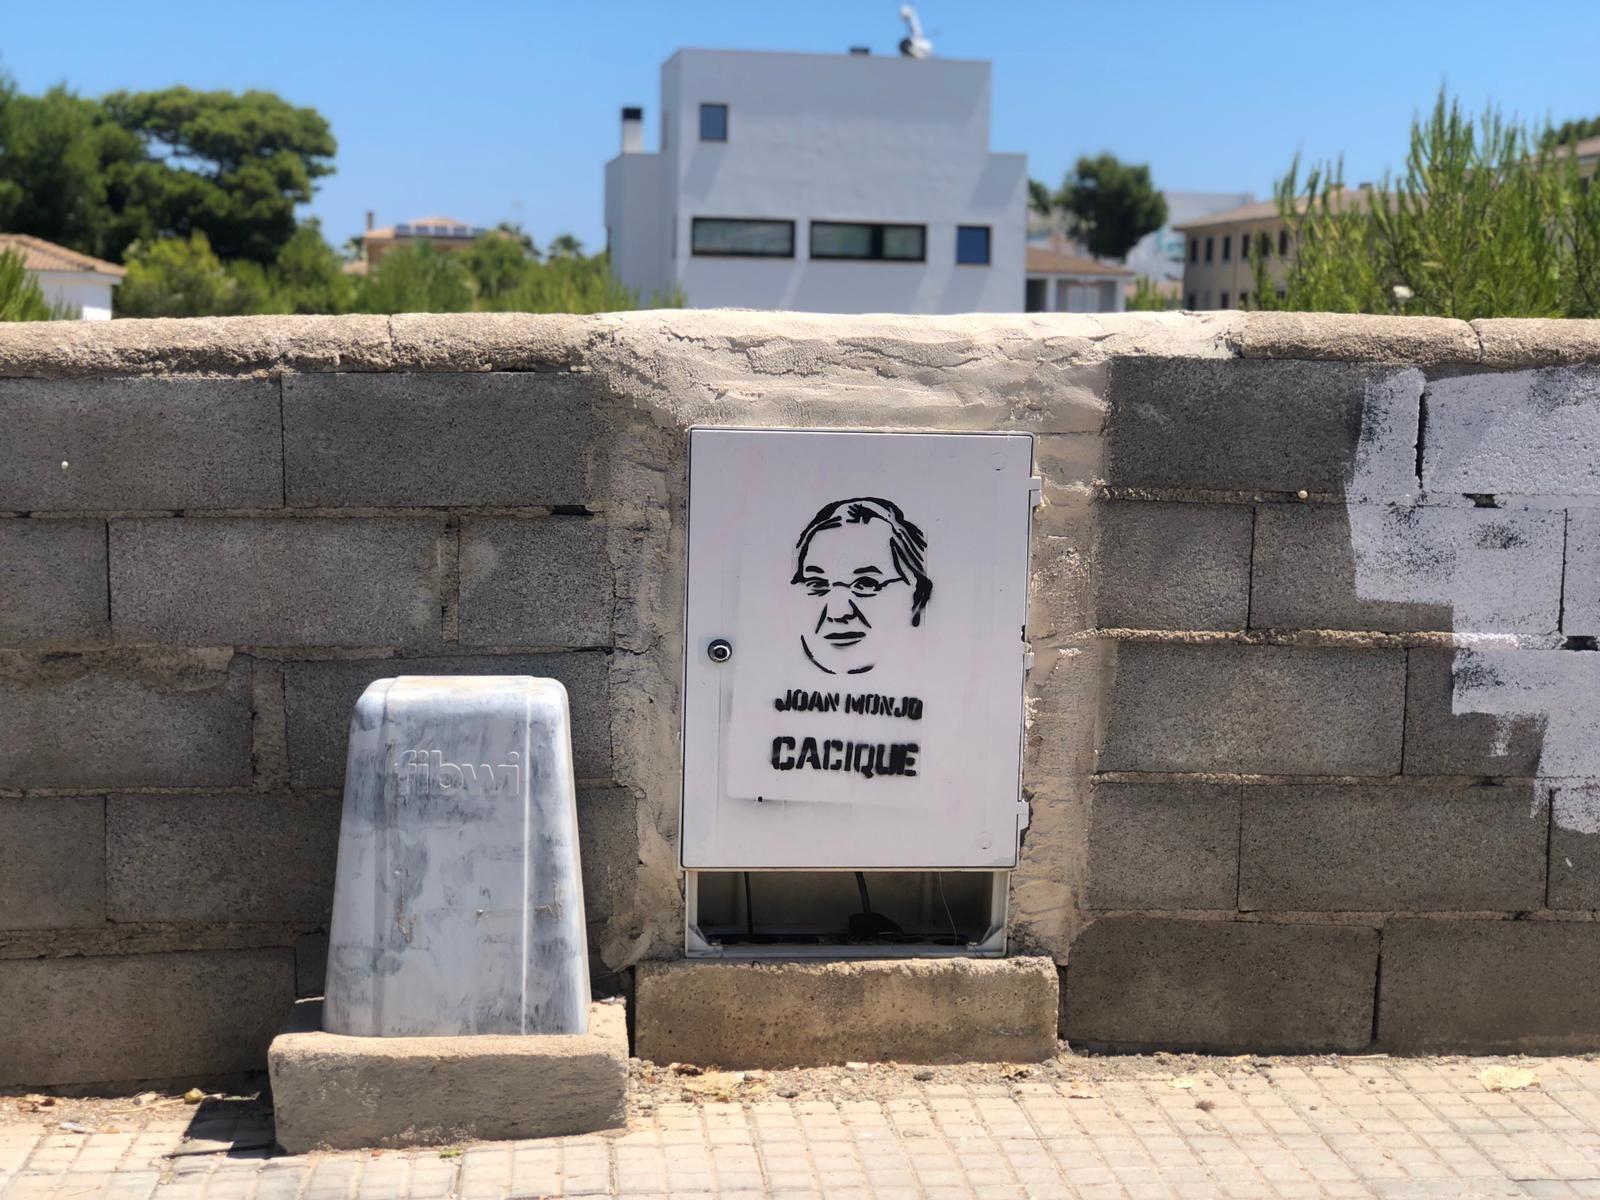 """Aparecen pintadas en Santa Margalida que acusan al alcalde Monjo de """"cacique"""""""